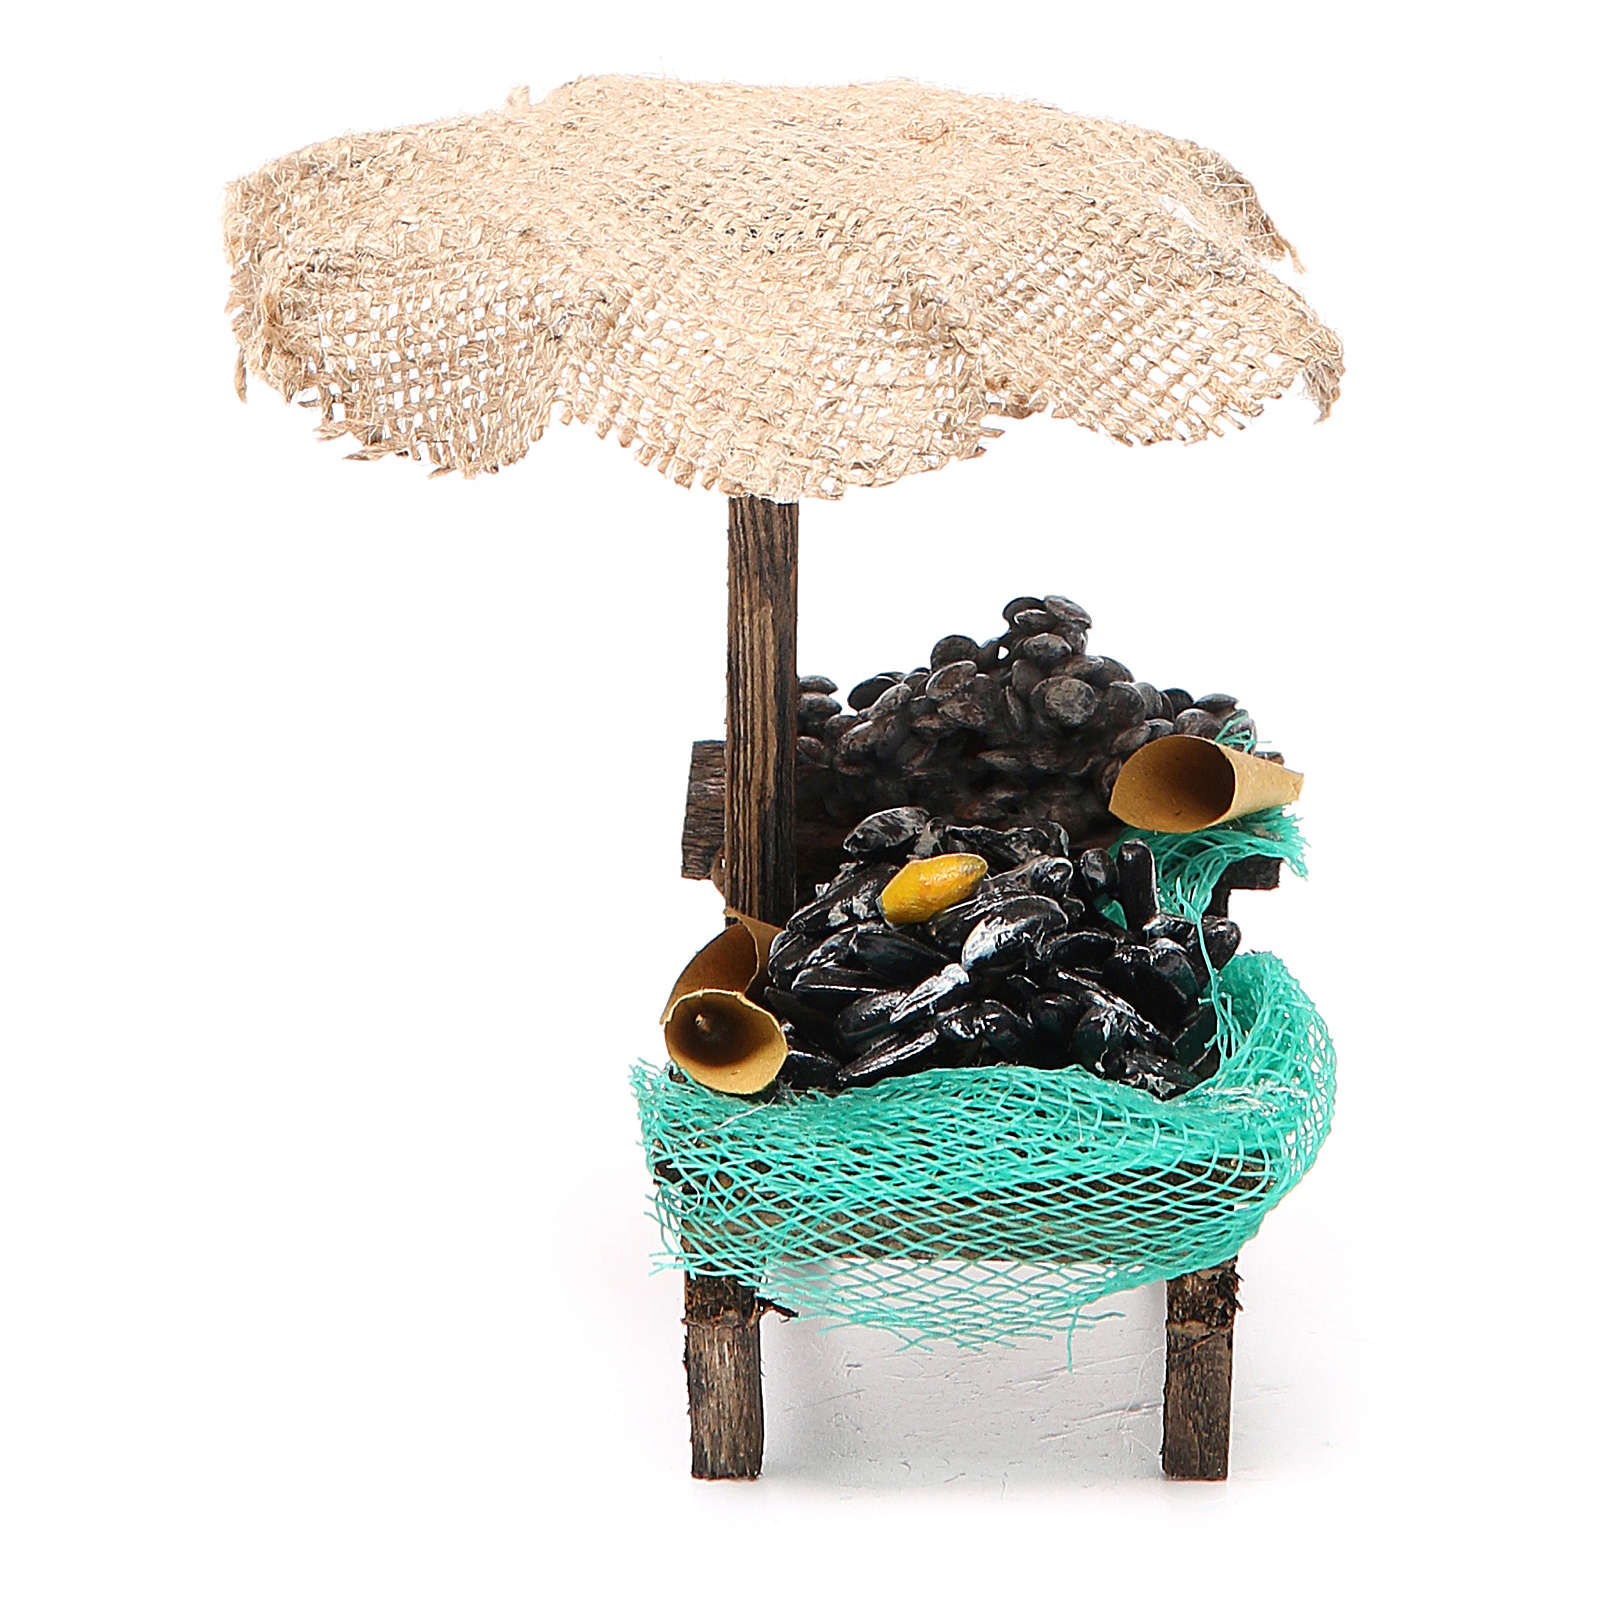 Banchetto presepe cozze vongole con ombrello 12x10x12 cm 4